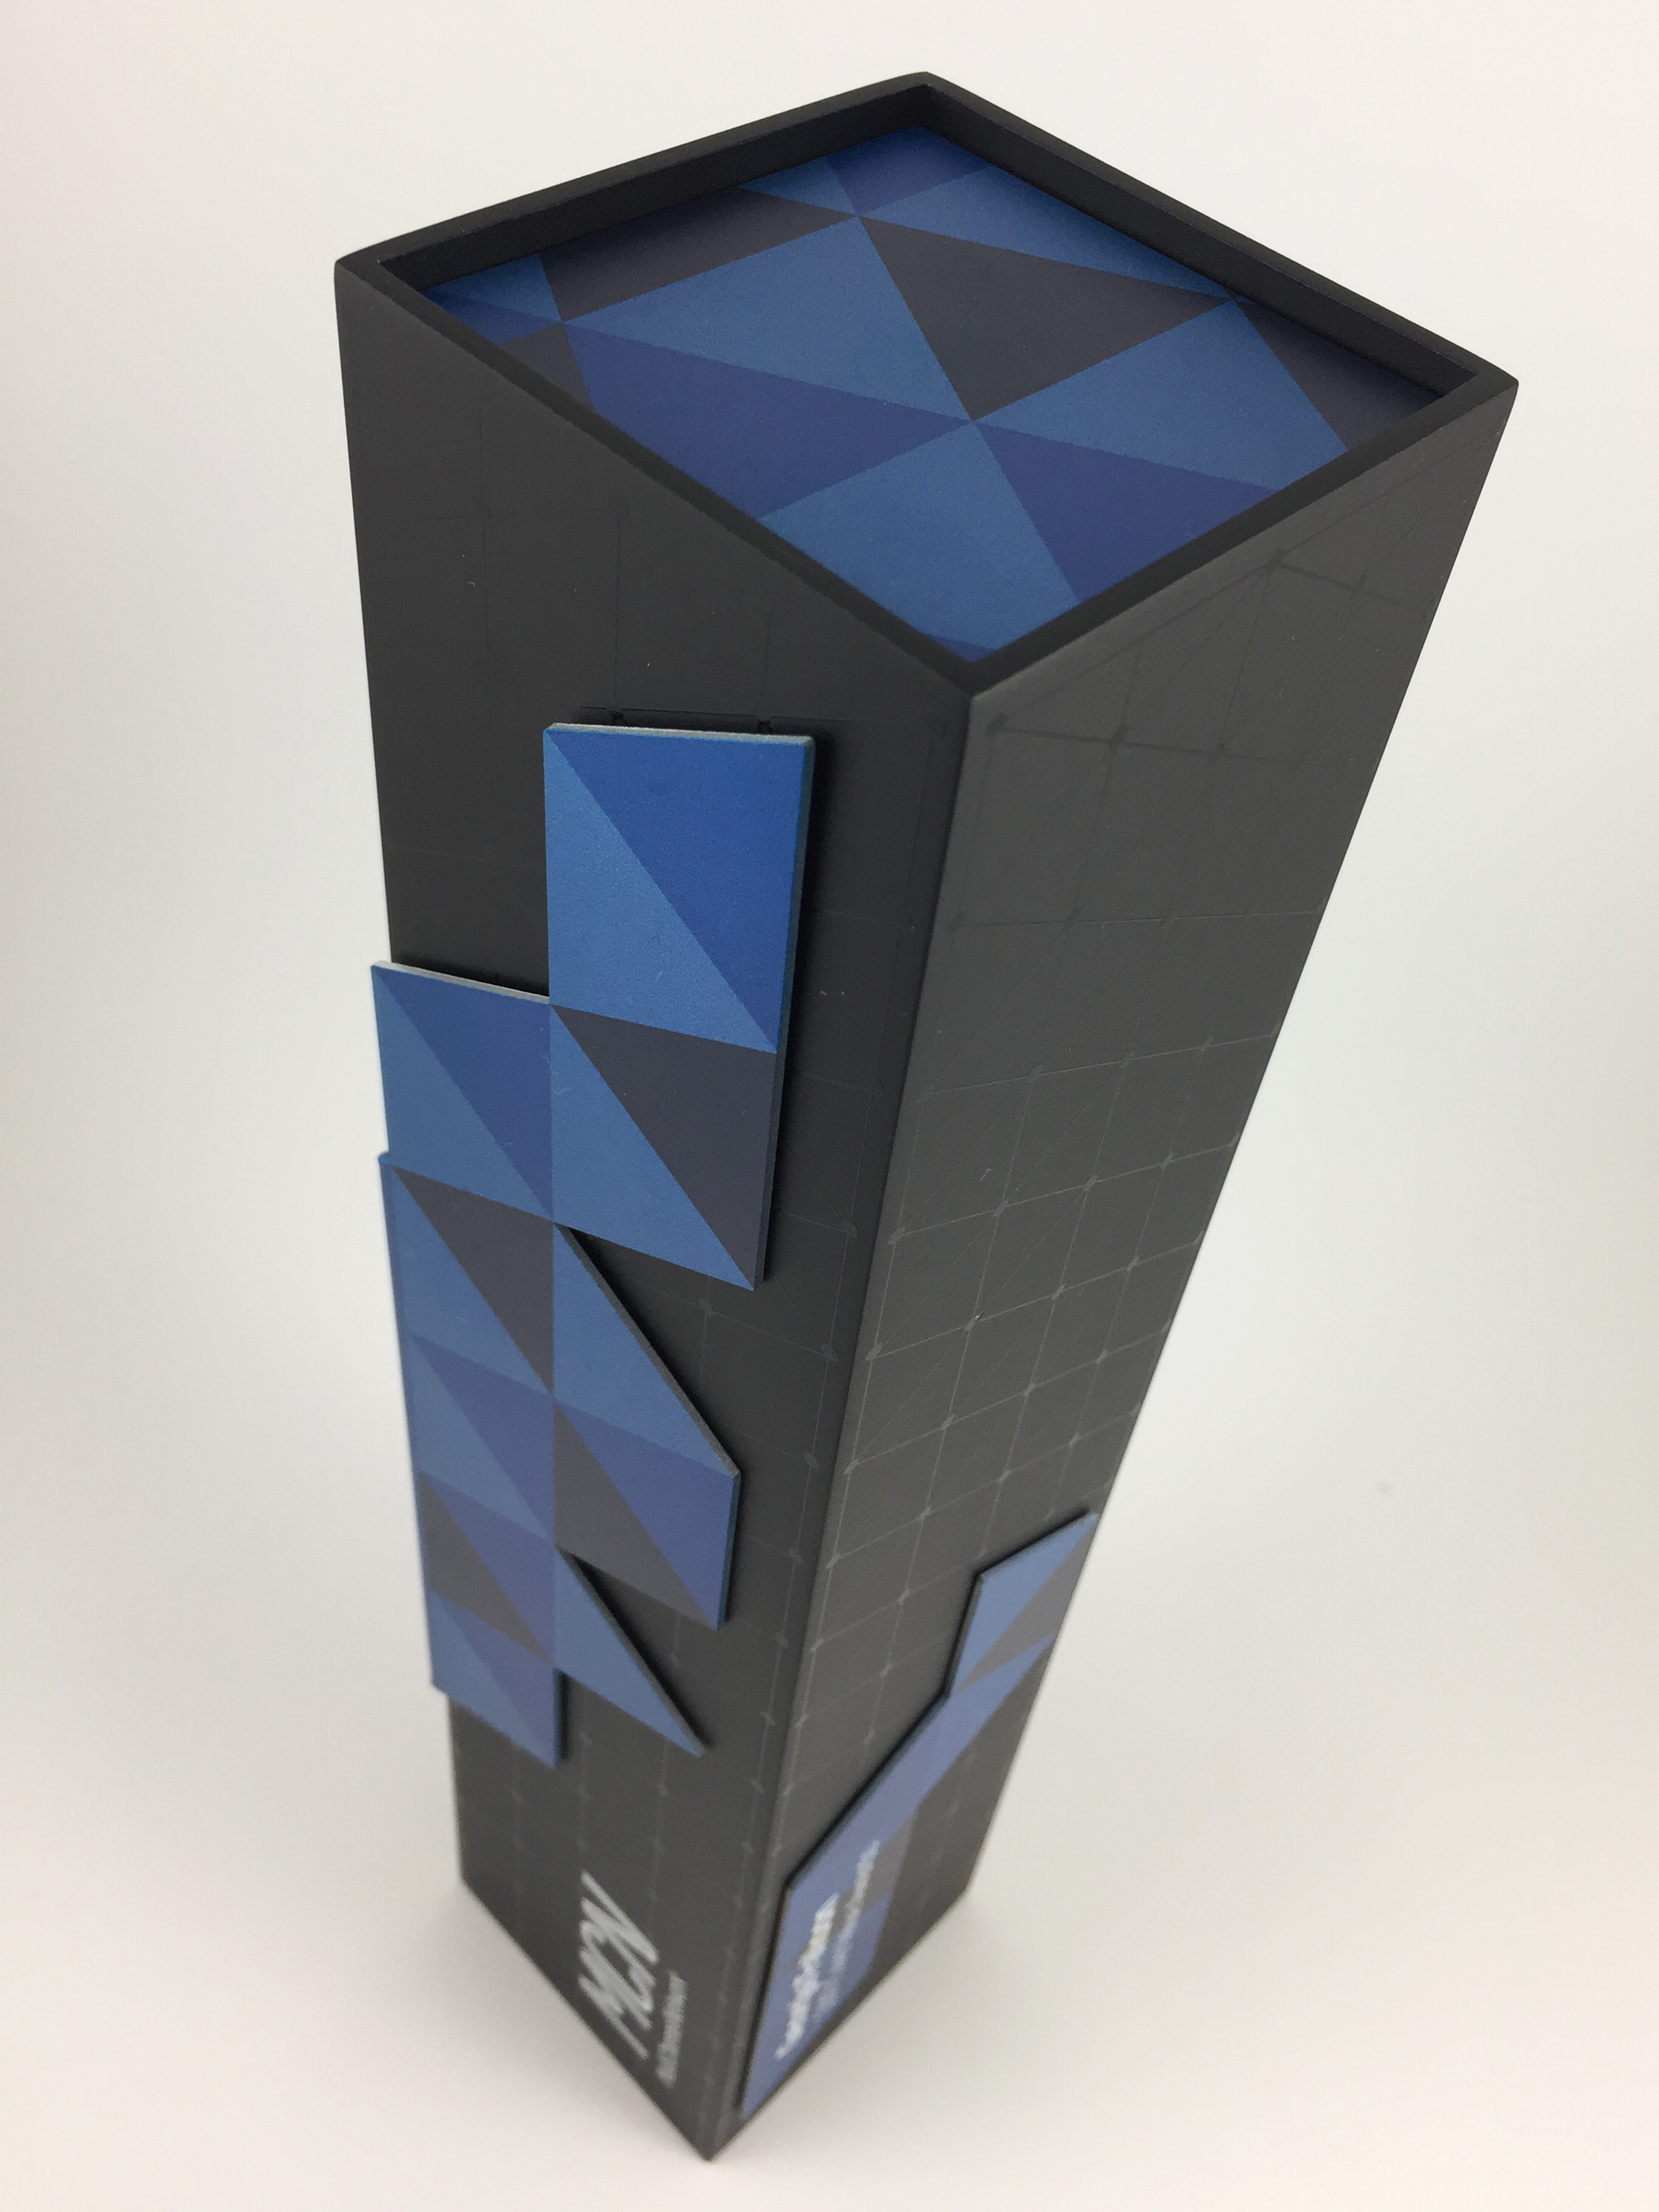 MCN-eco-aluminium-trophy-award-05.jpg